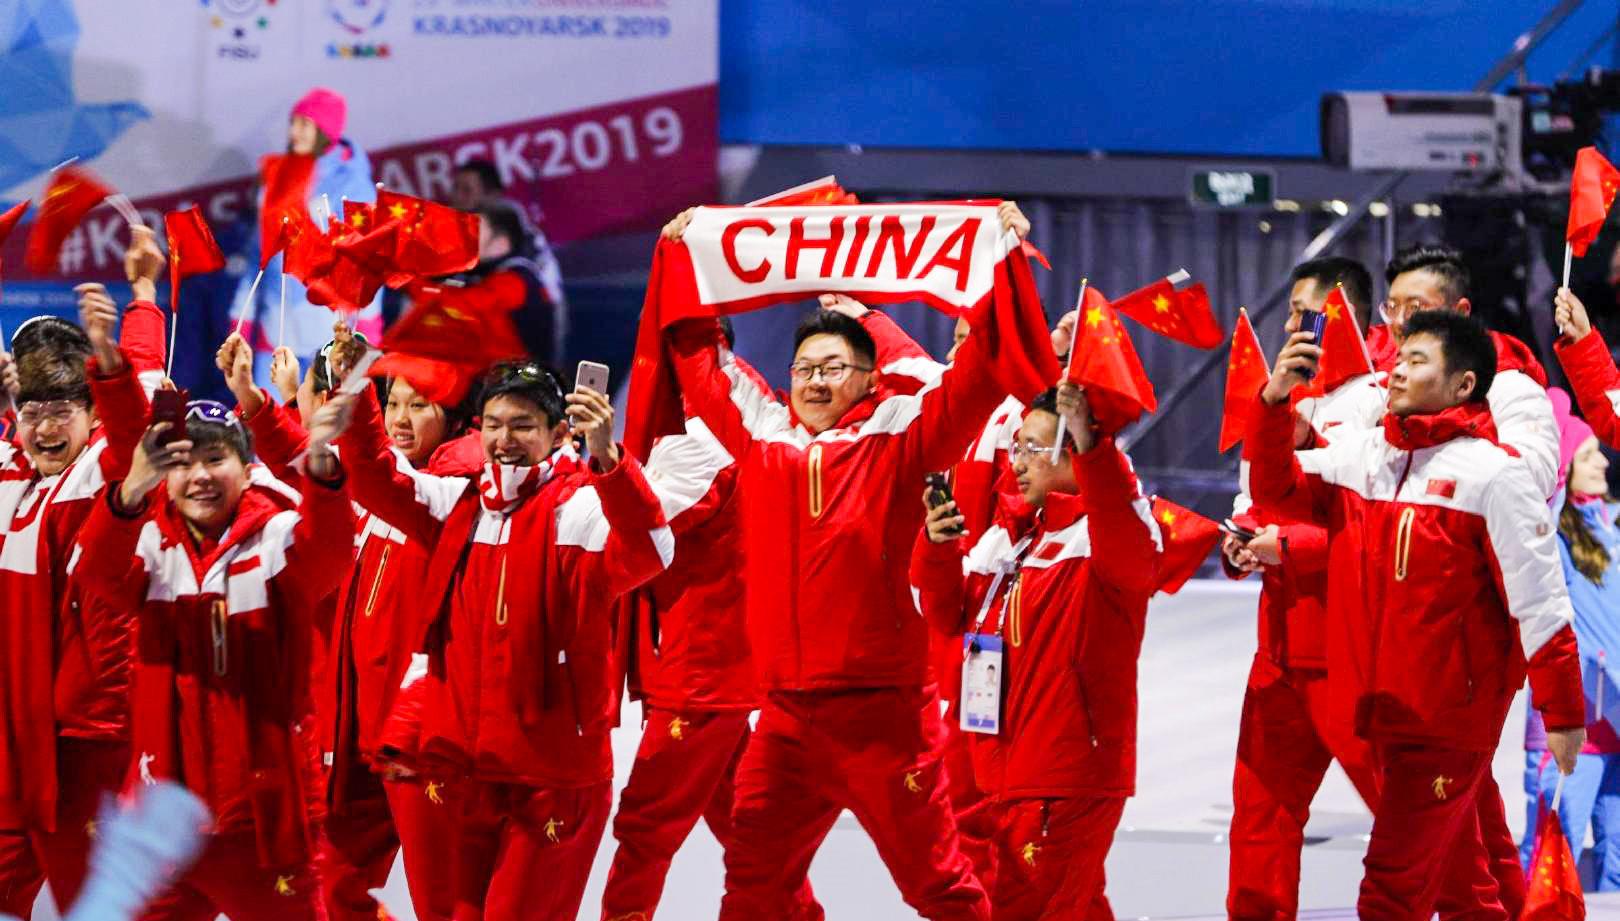 普京点赞中国品牌装备,世界大冬会赛场成民族文化输出新领地